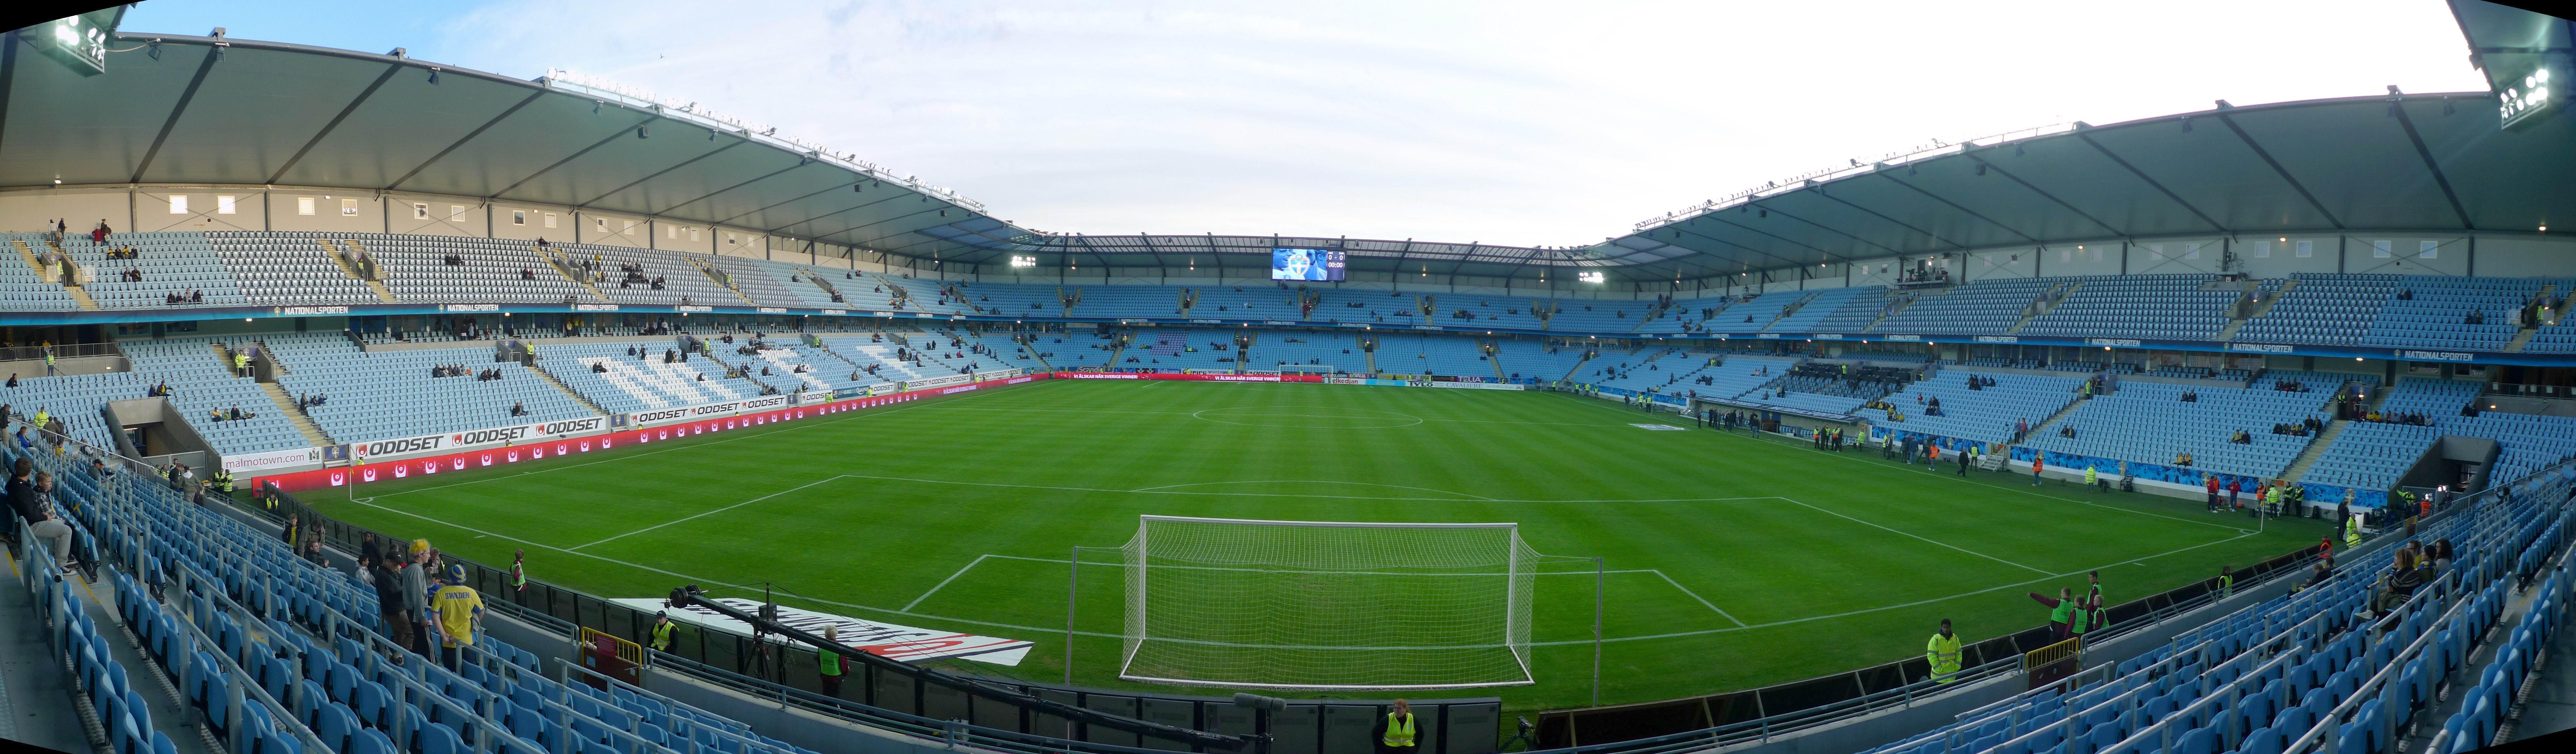 Sedan 2009 spelar Malmö FF på Swedbank arena.